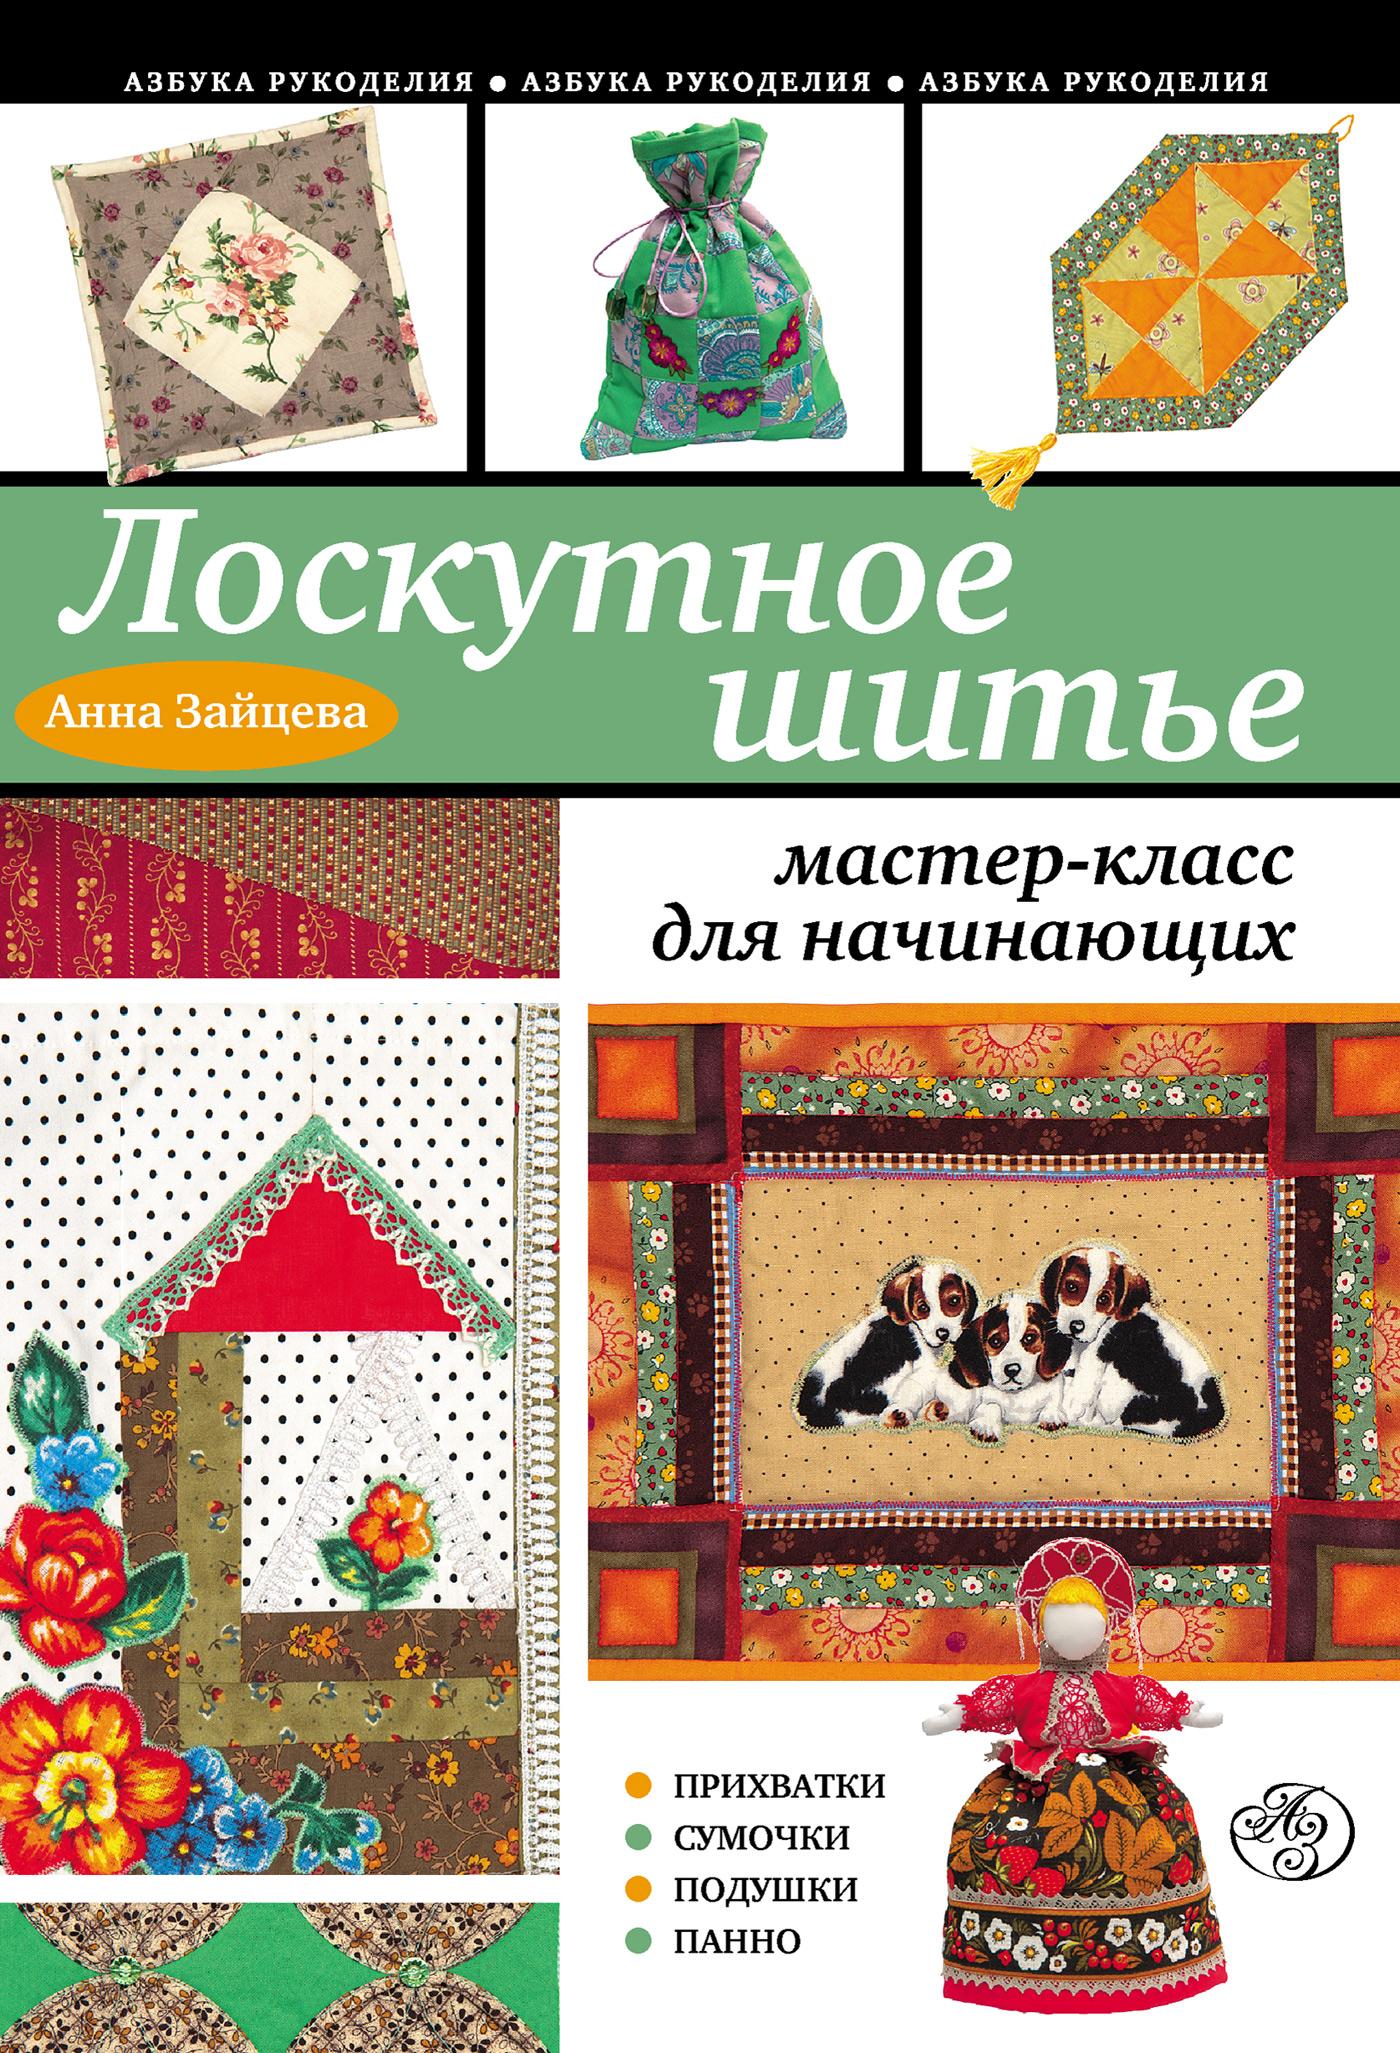 Анна Зайцева Лоскутное шитье: мастер-класс для начинающих мир лоскутного шитья квилтинг пэчворк орнаменты поделки комплект из 3 книг